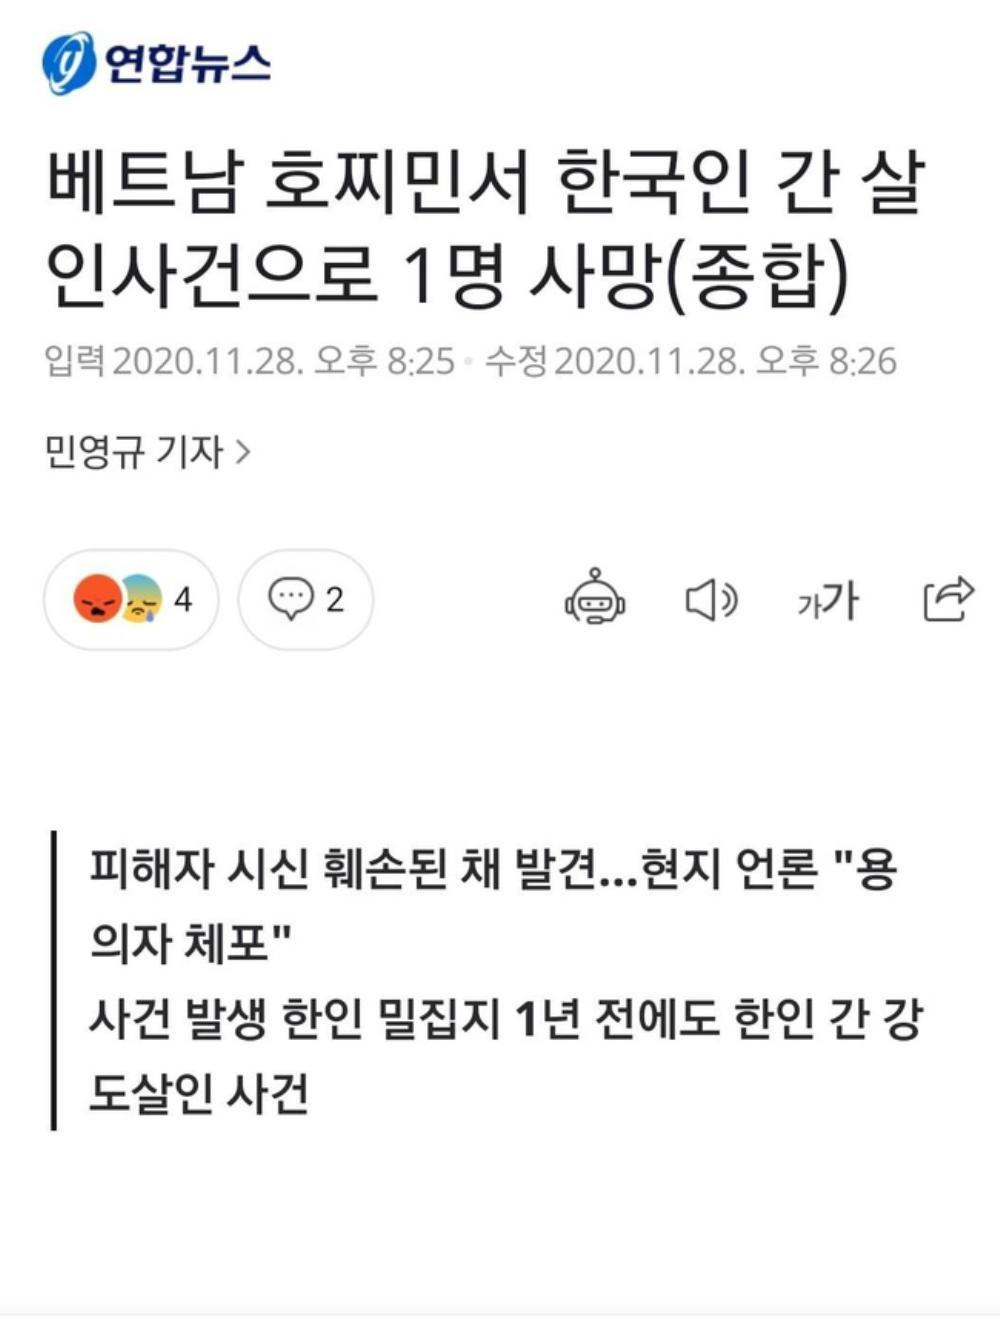 CĐM Hàn Quốc quyết không nhận Giám đốc giết người làm đồng hương: 'Cho hắn mức án kịch khung đi' Ảnh 2